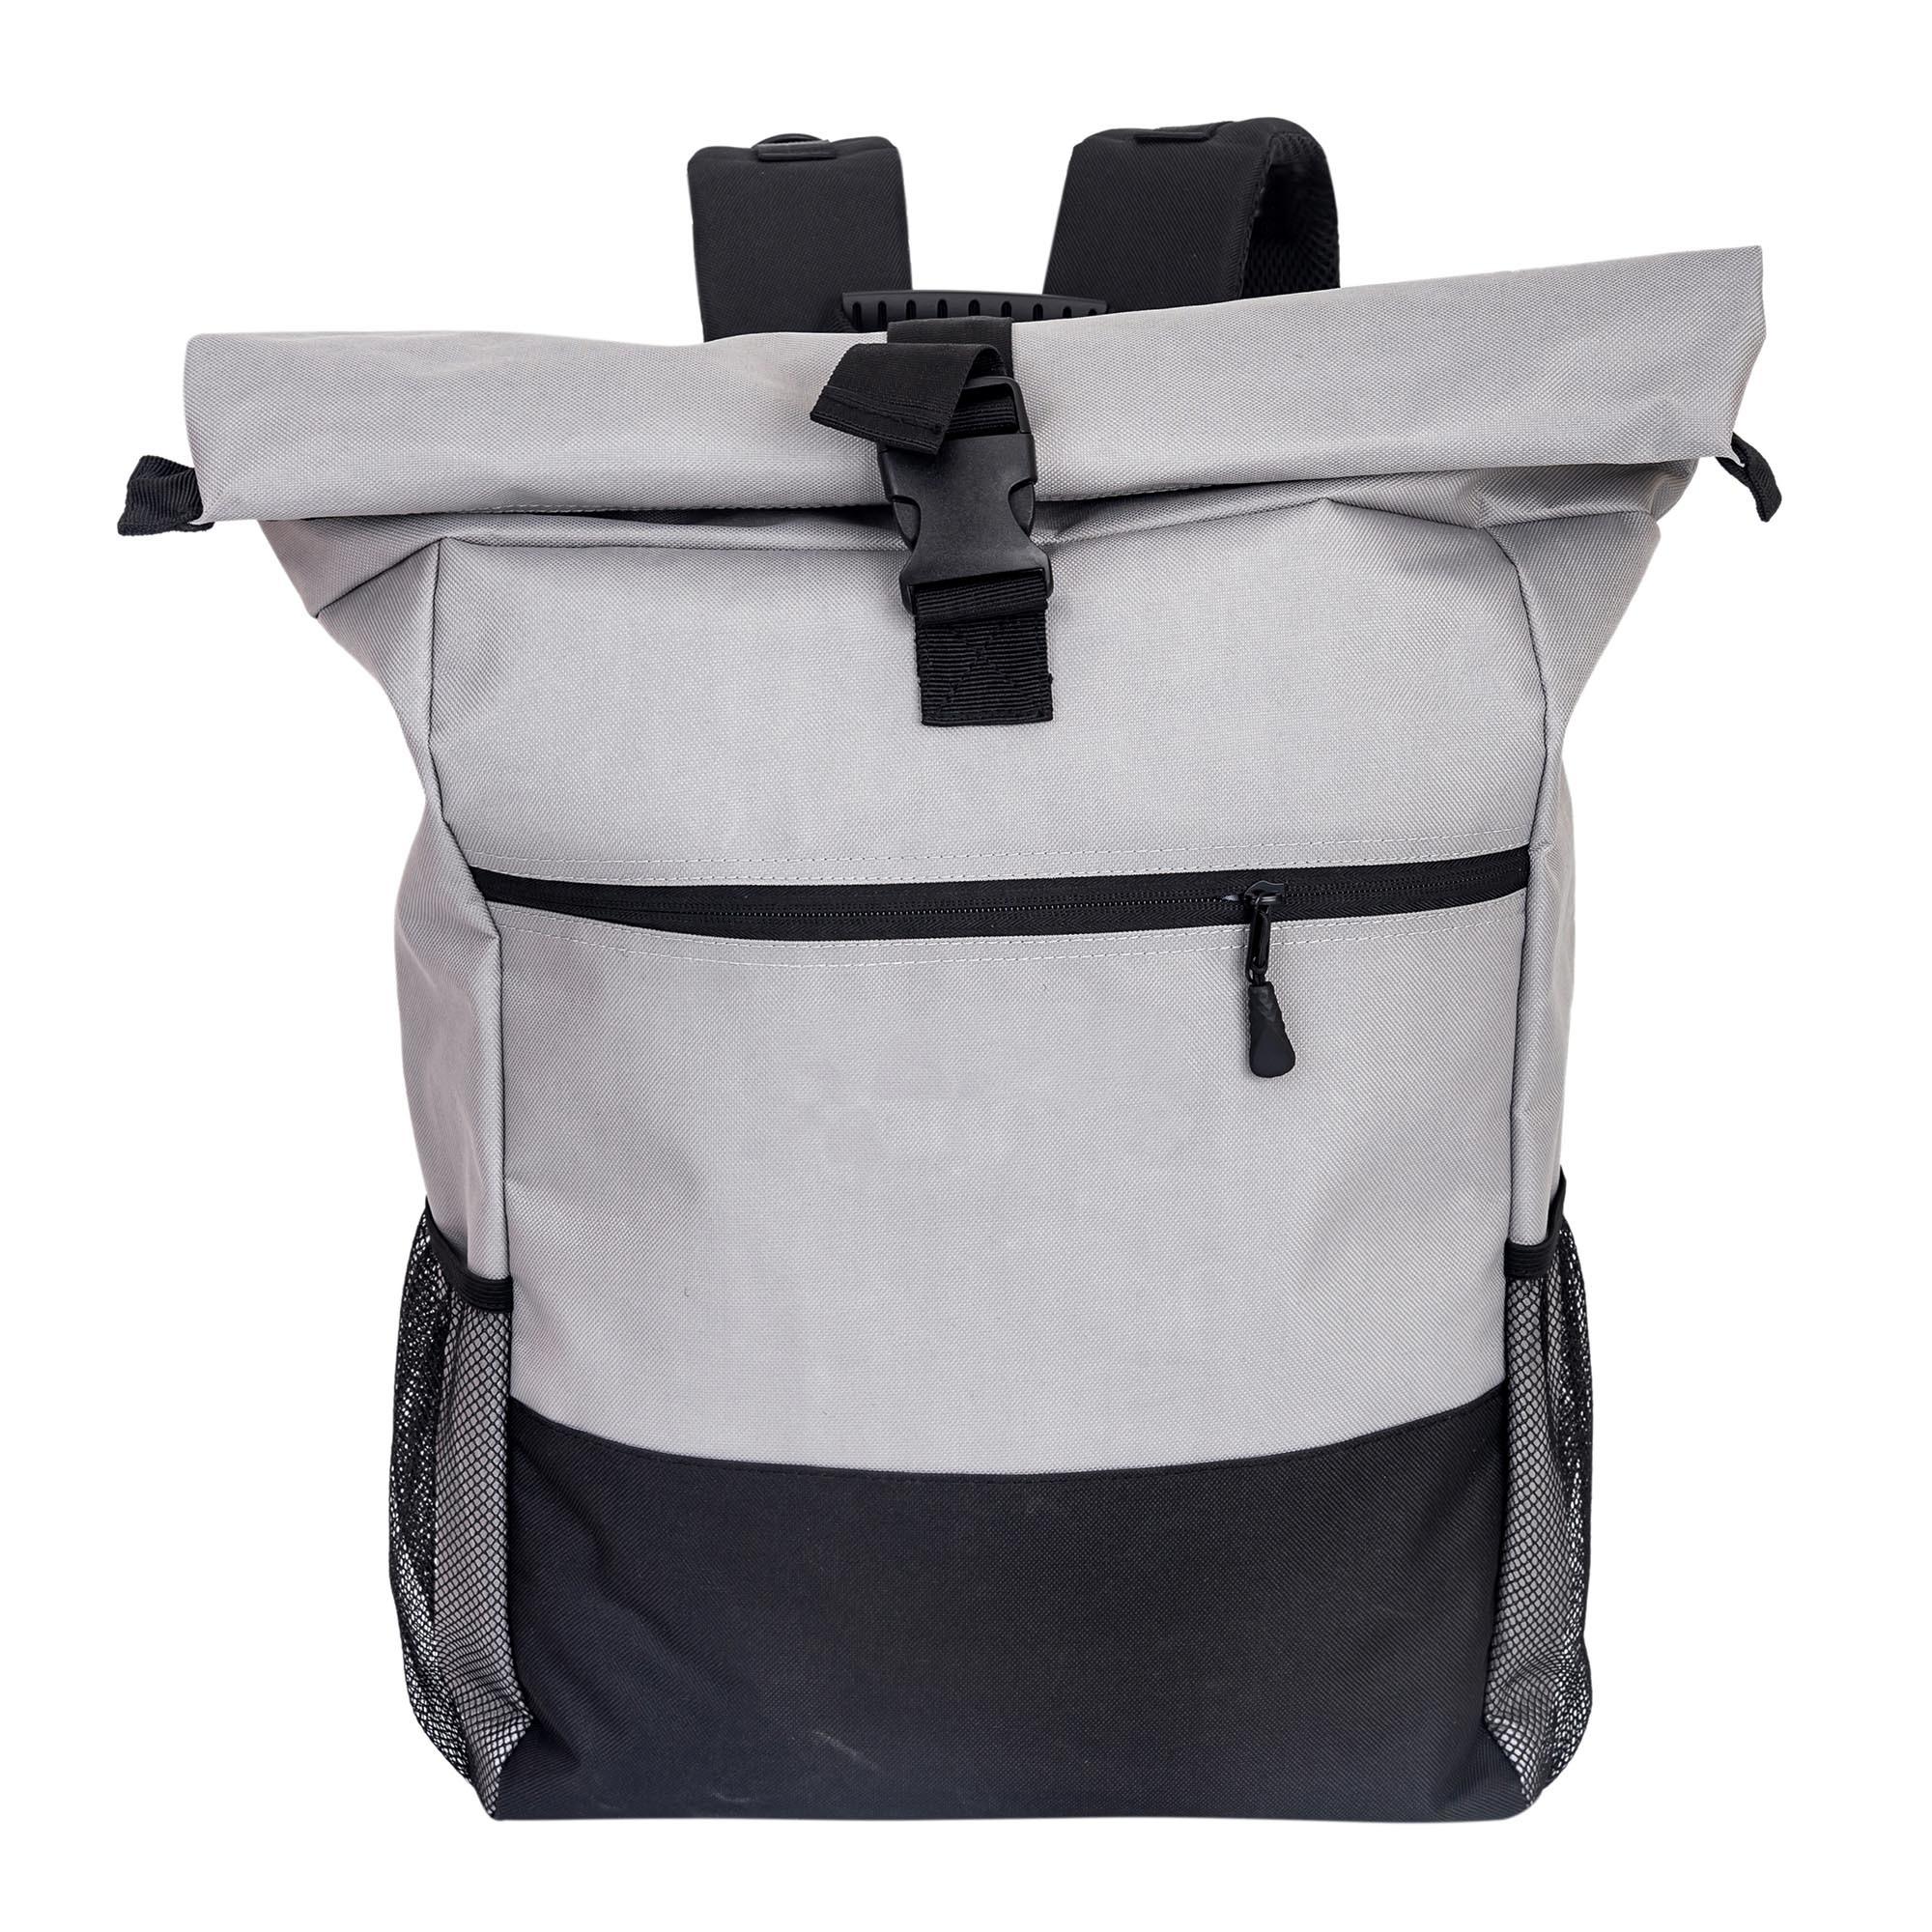 Polyeser Concise New Fashion Laptop Rucksack Tasche Gute Qualität College Wandern Business Bagpack Wasserabweisender Reise Rucksack mit USB Rose Blume